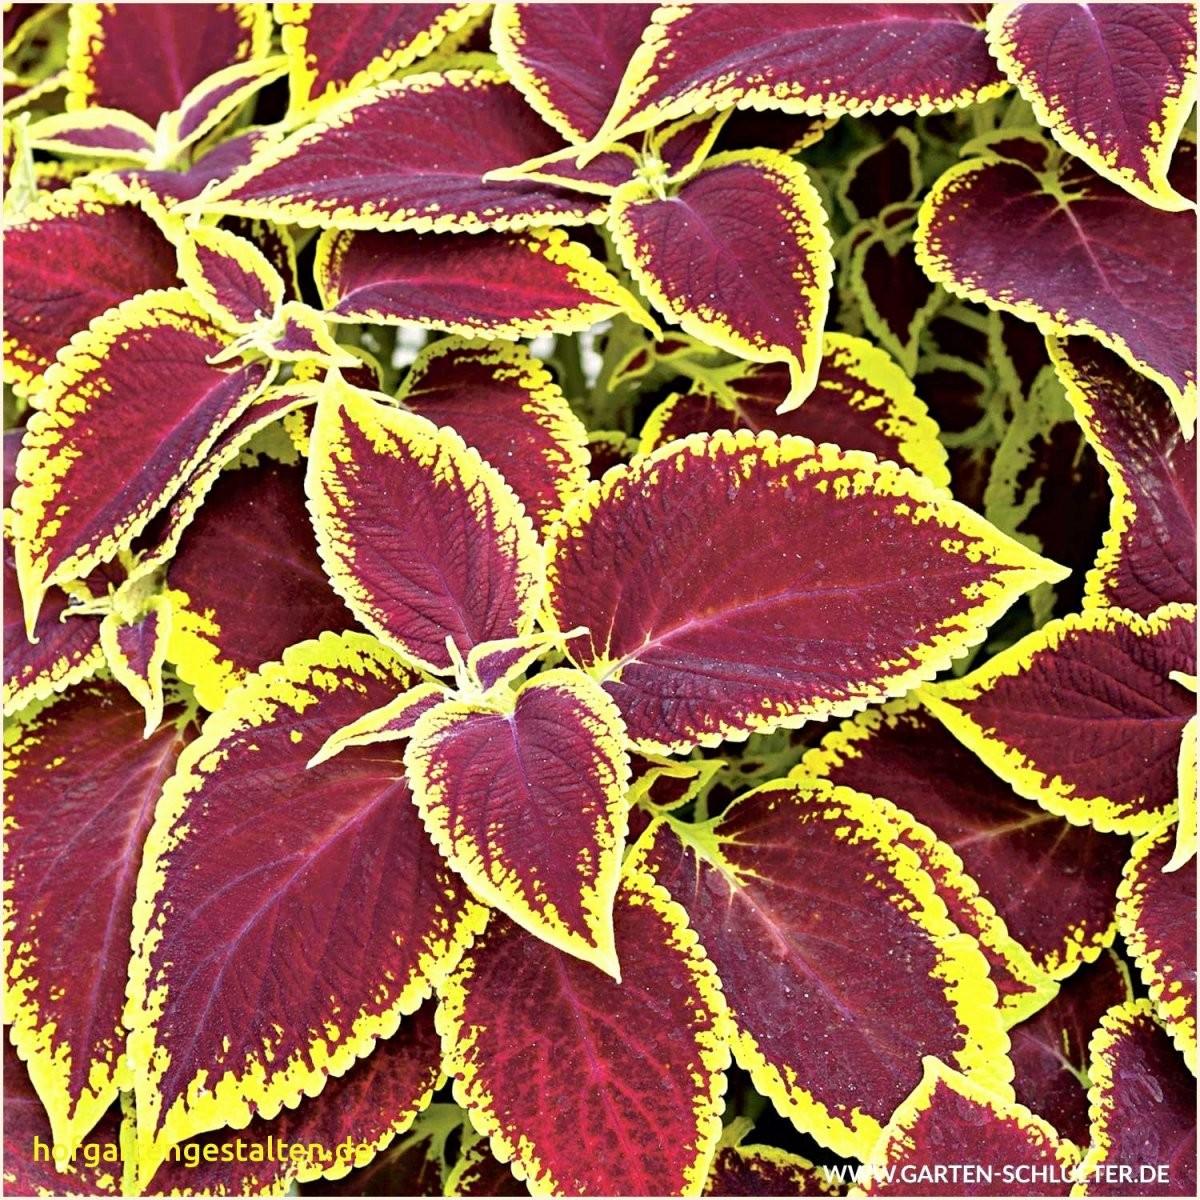 Mein Schoner Garten Lidl 45 Beispiel  Vetosb202 von Mein Schöner Garten Lidl Photo